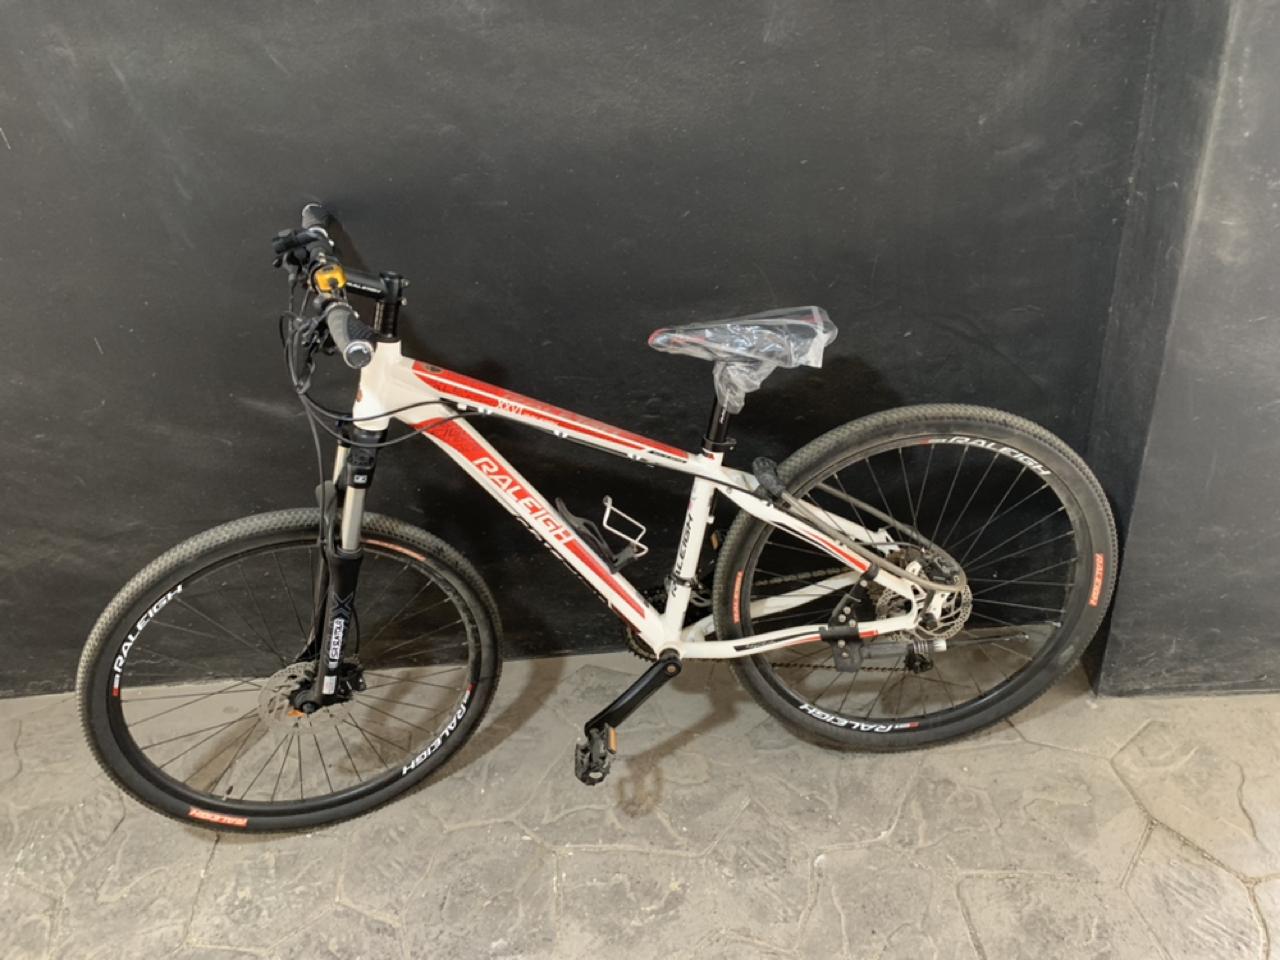 라레이 30단 기어 자전거 판매합니다.(가격내림)